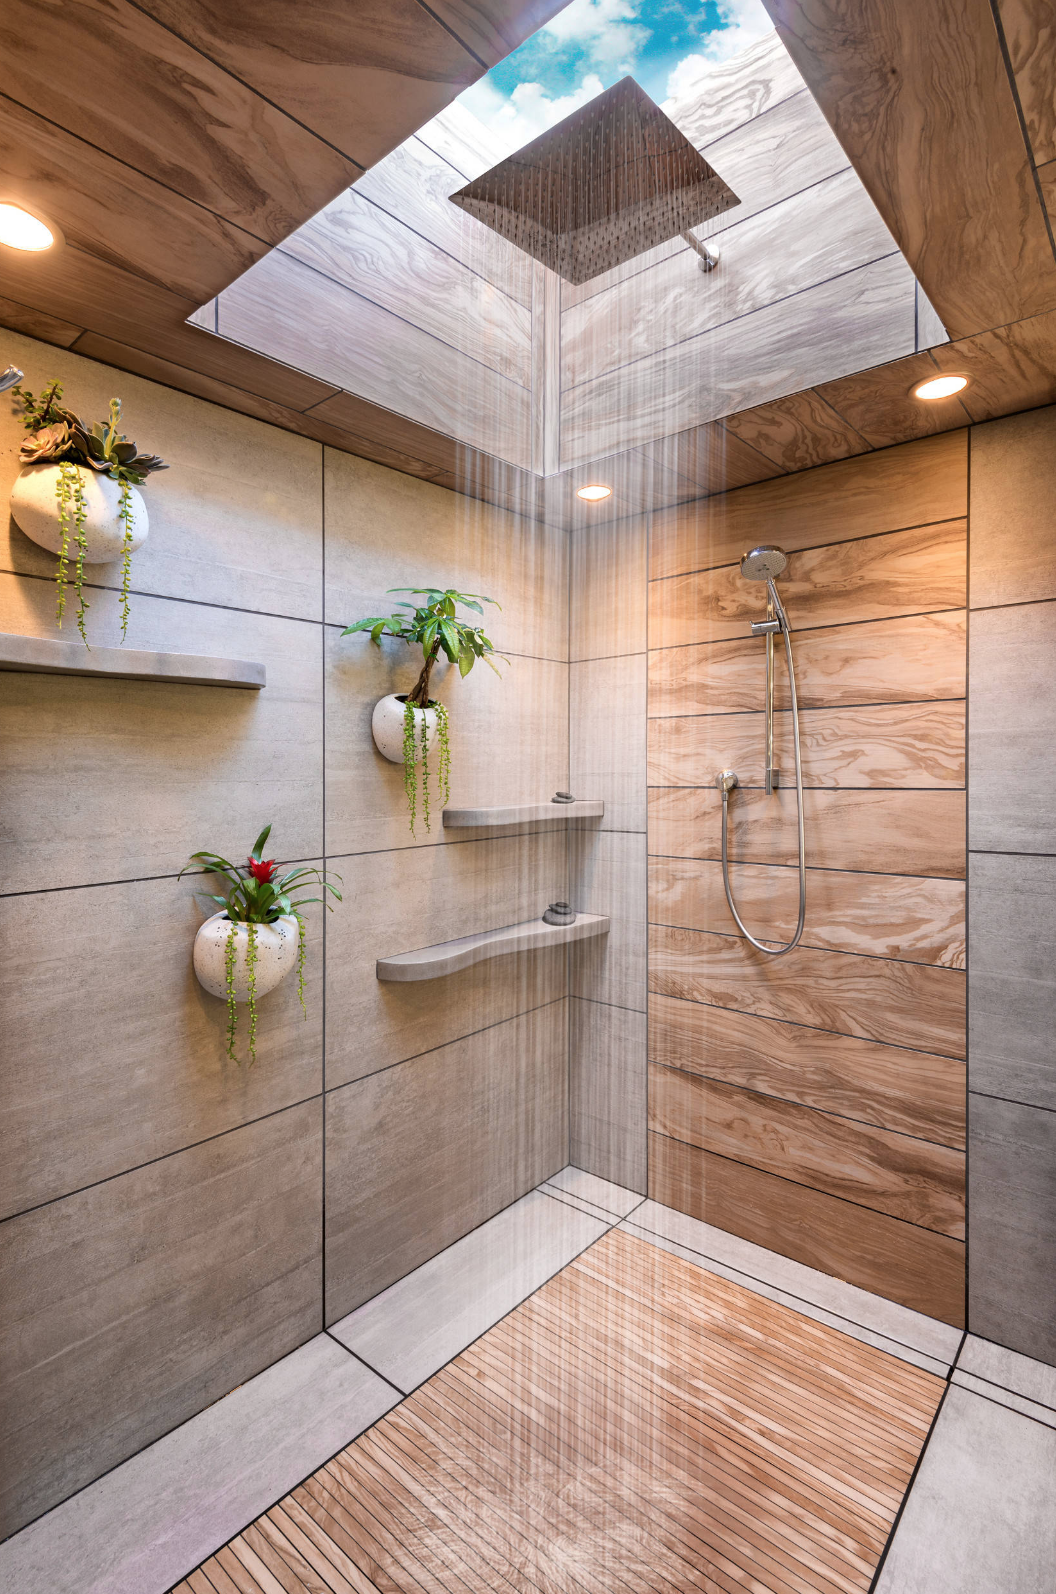 ป กพ นโดย Moises Alejandro M Terreros ใน Bathroom Ideas ห องน ำสม ยใหม ห องน ำหร ออกแบบบ าน